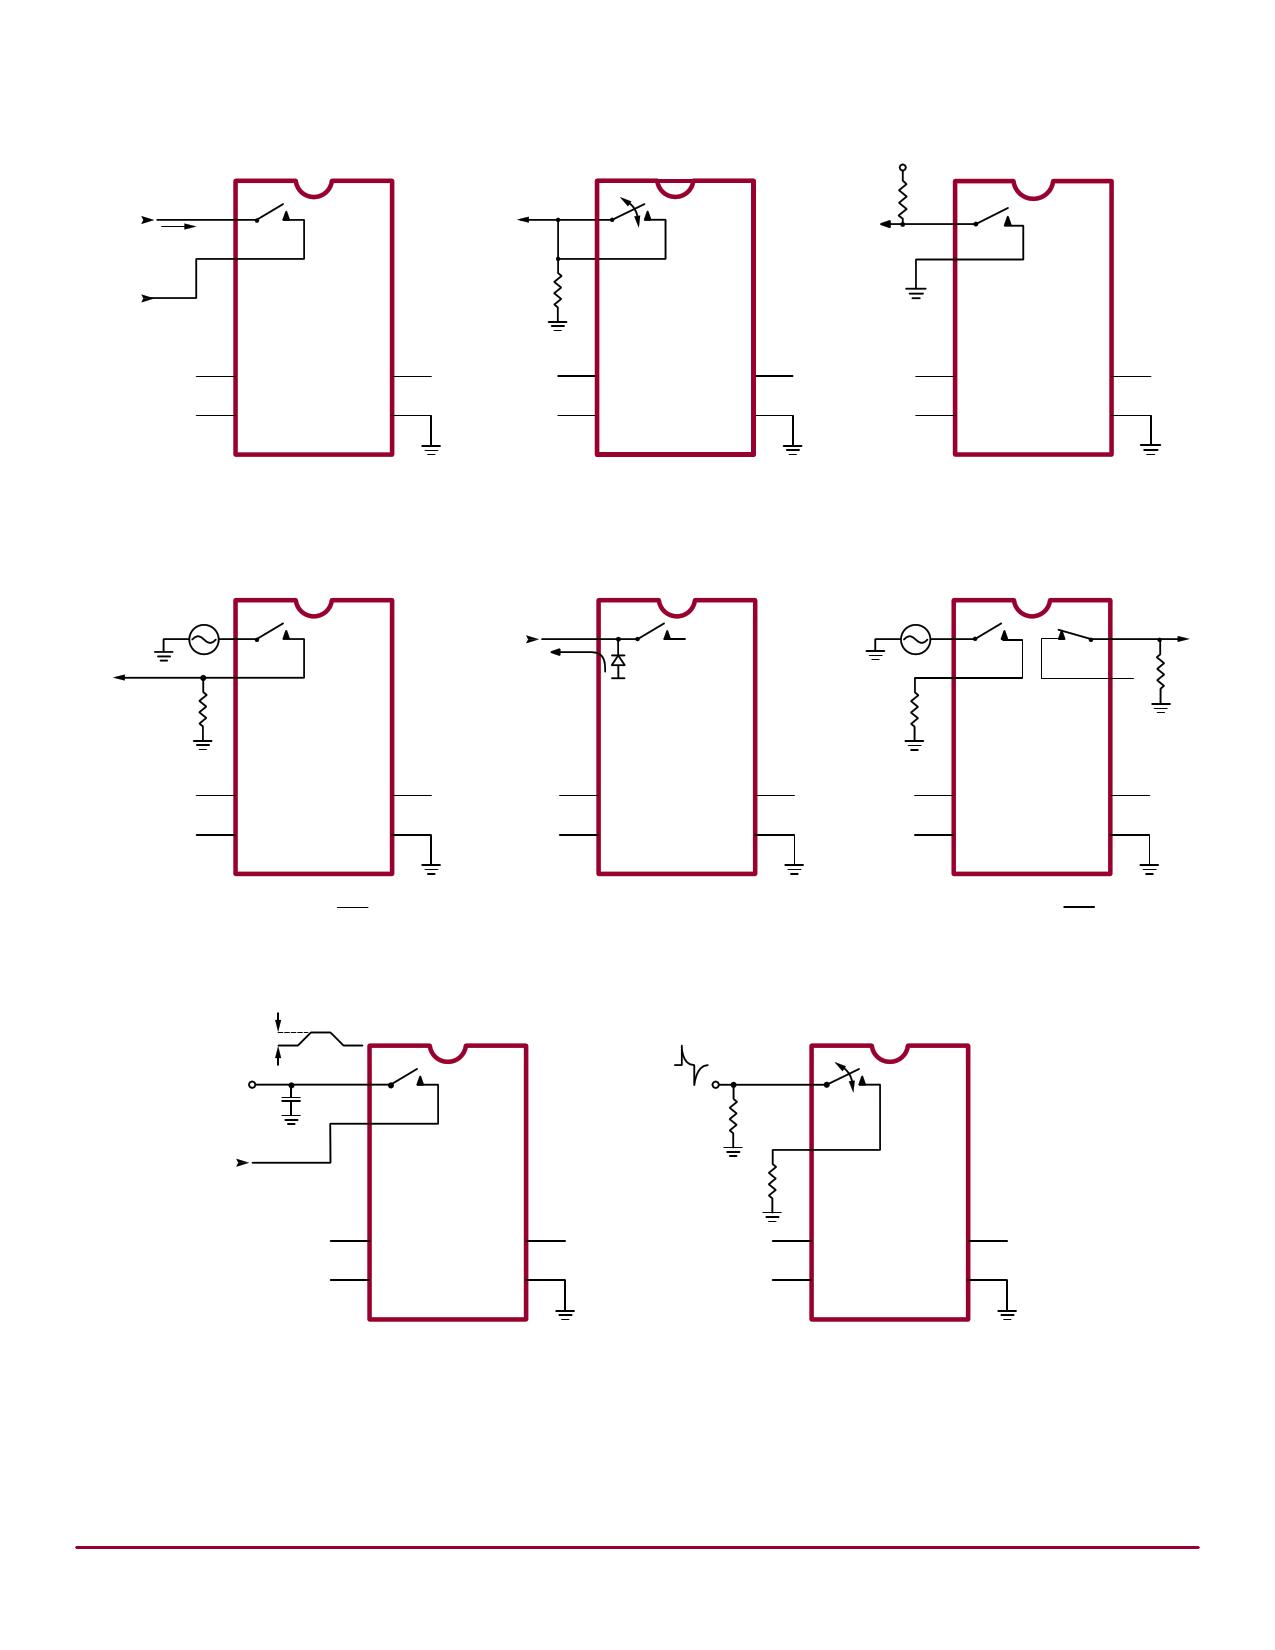 HV20220 電子部品, 半導体